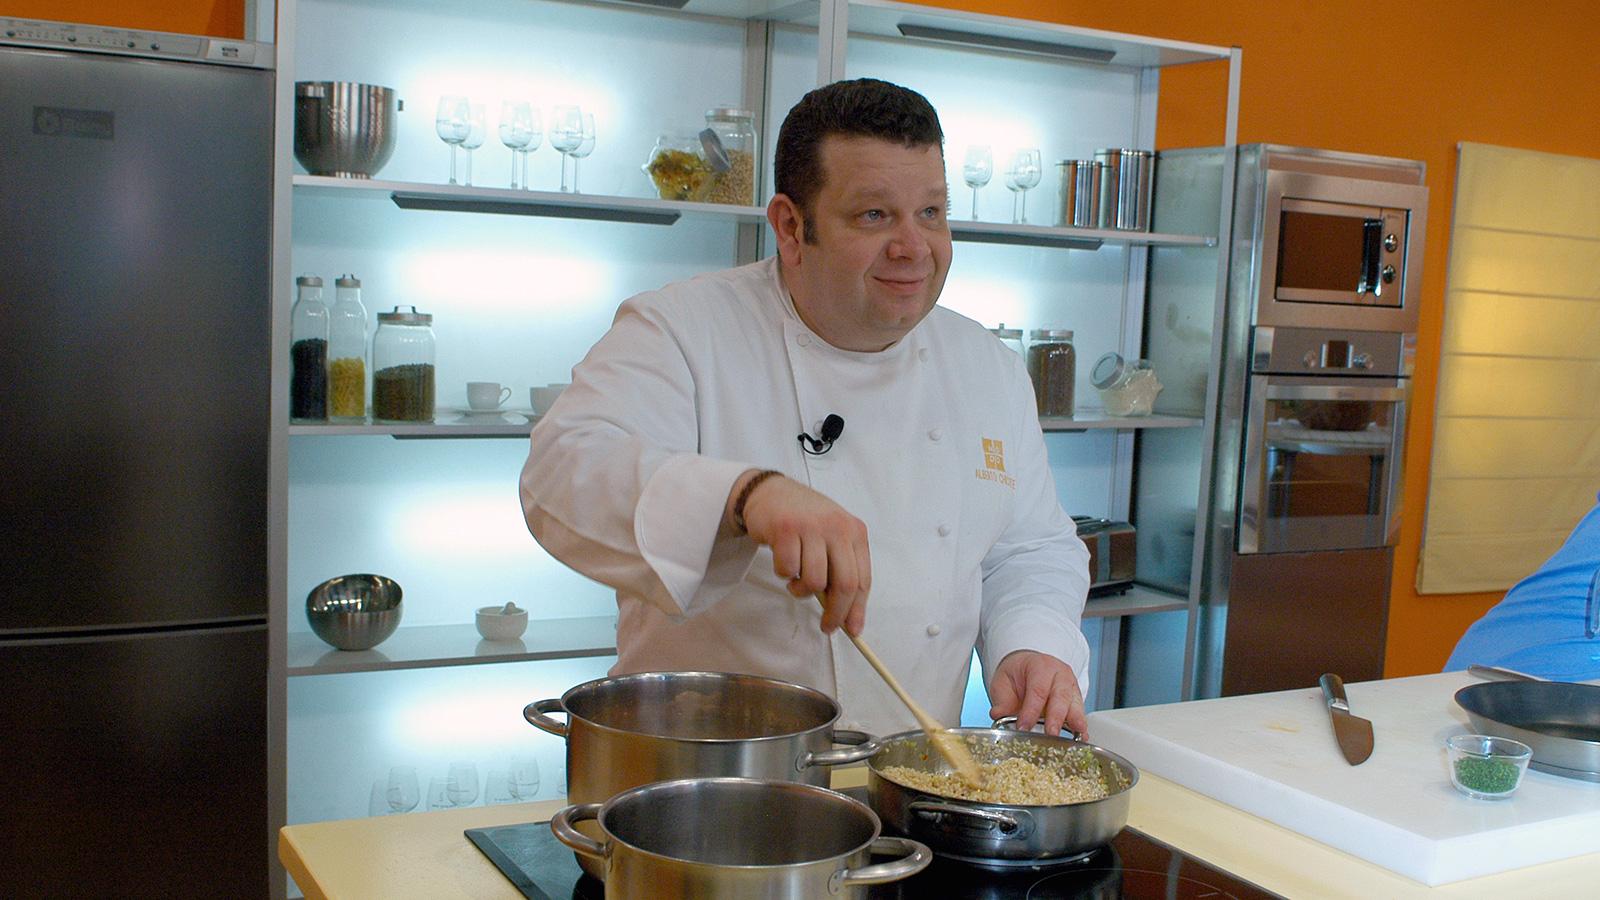 Alberto chicote cocineros canal cocina - Canal de cocina ...